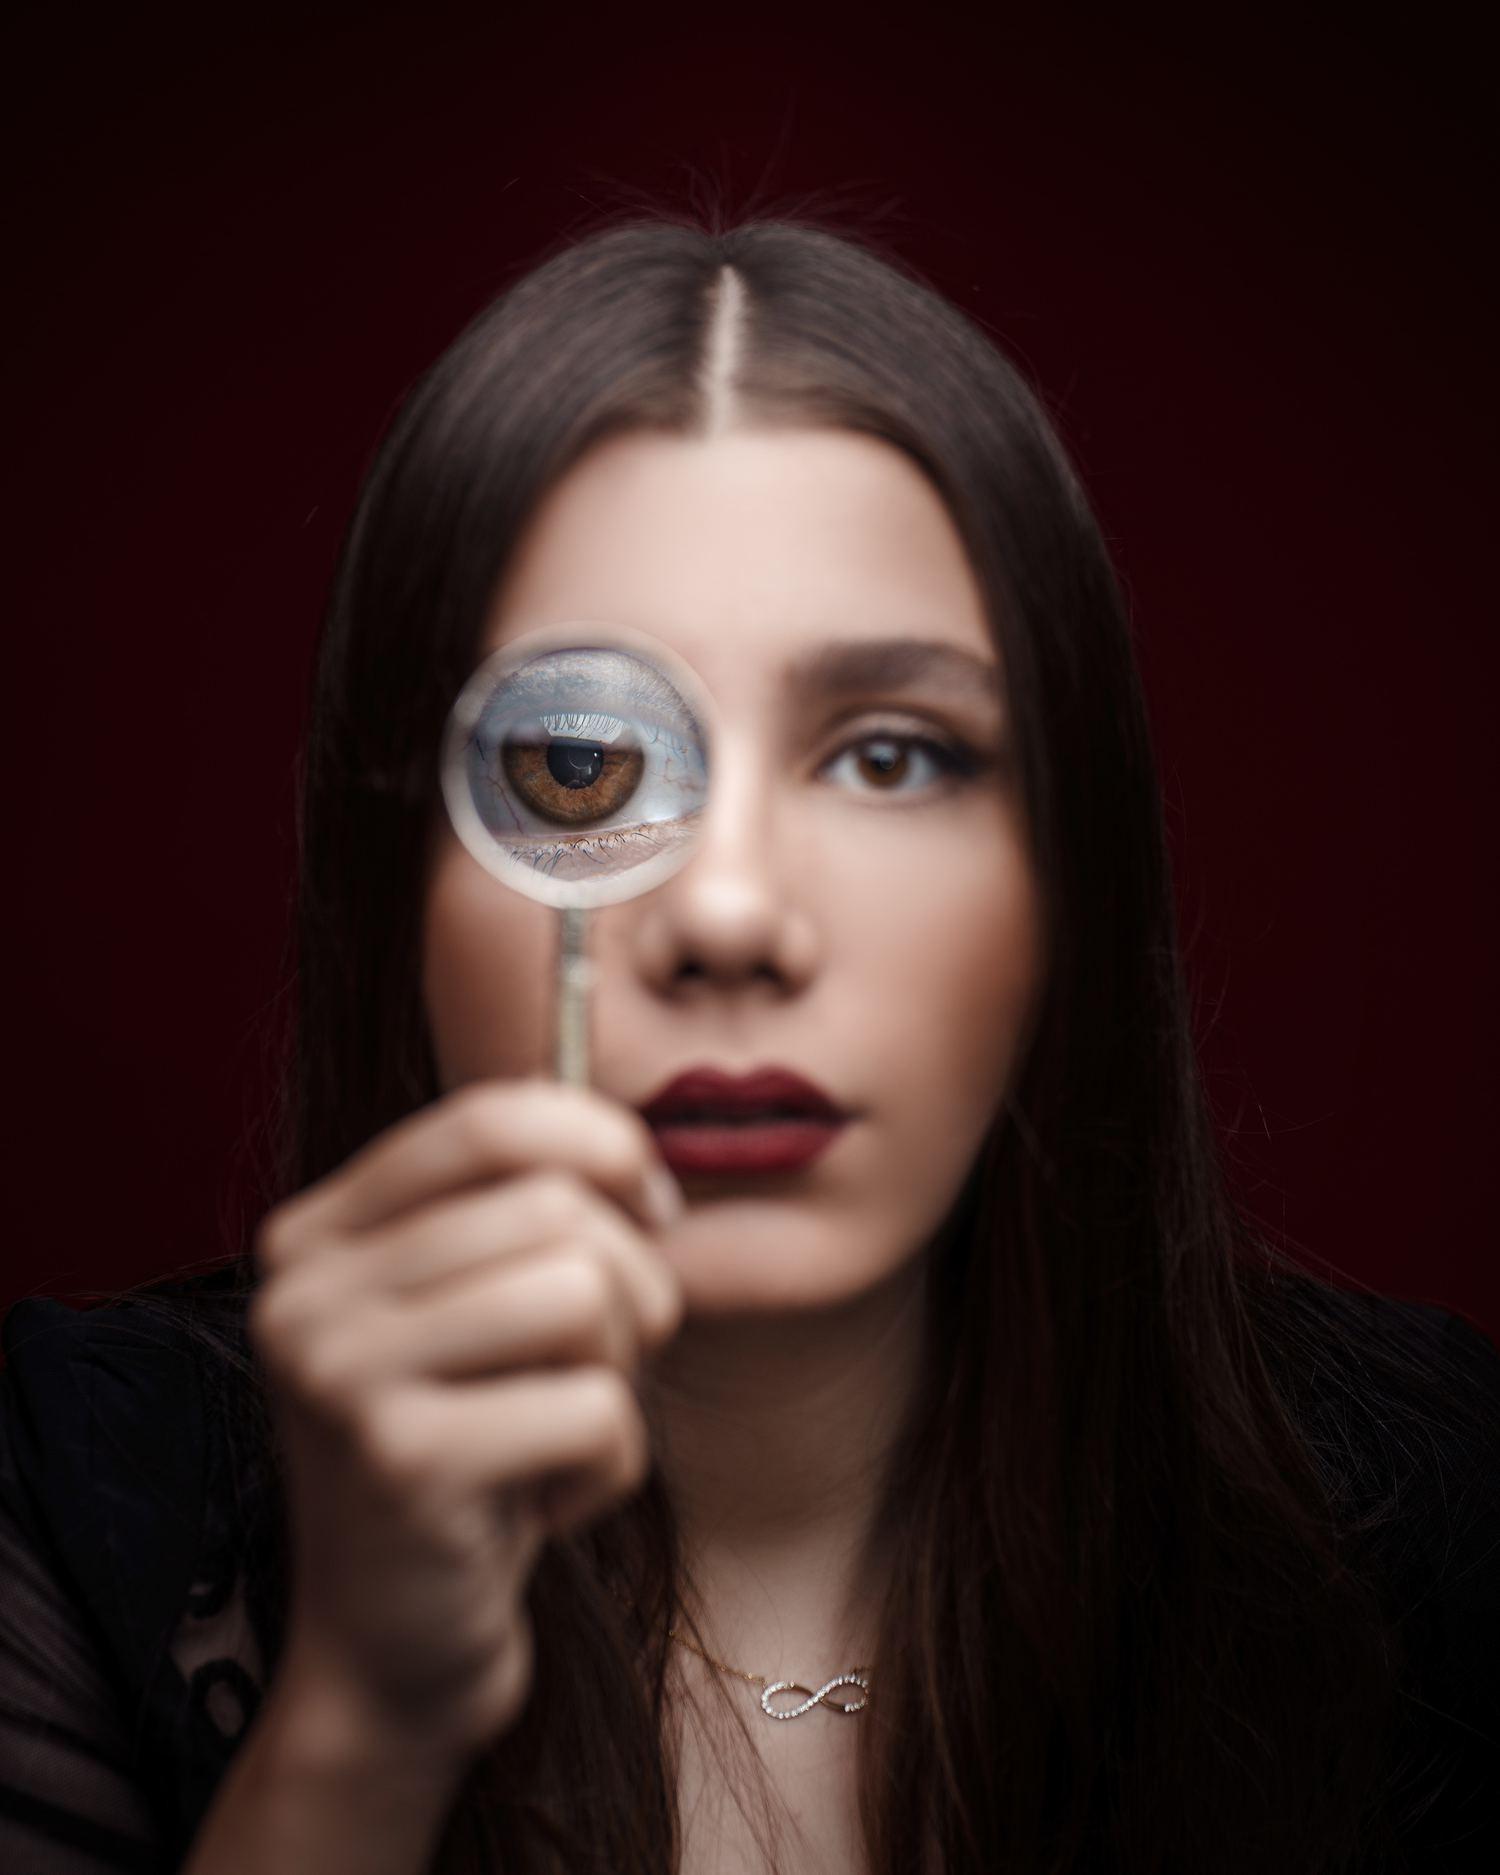 fotografía retrato mujer